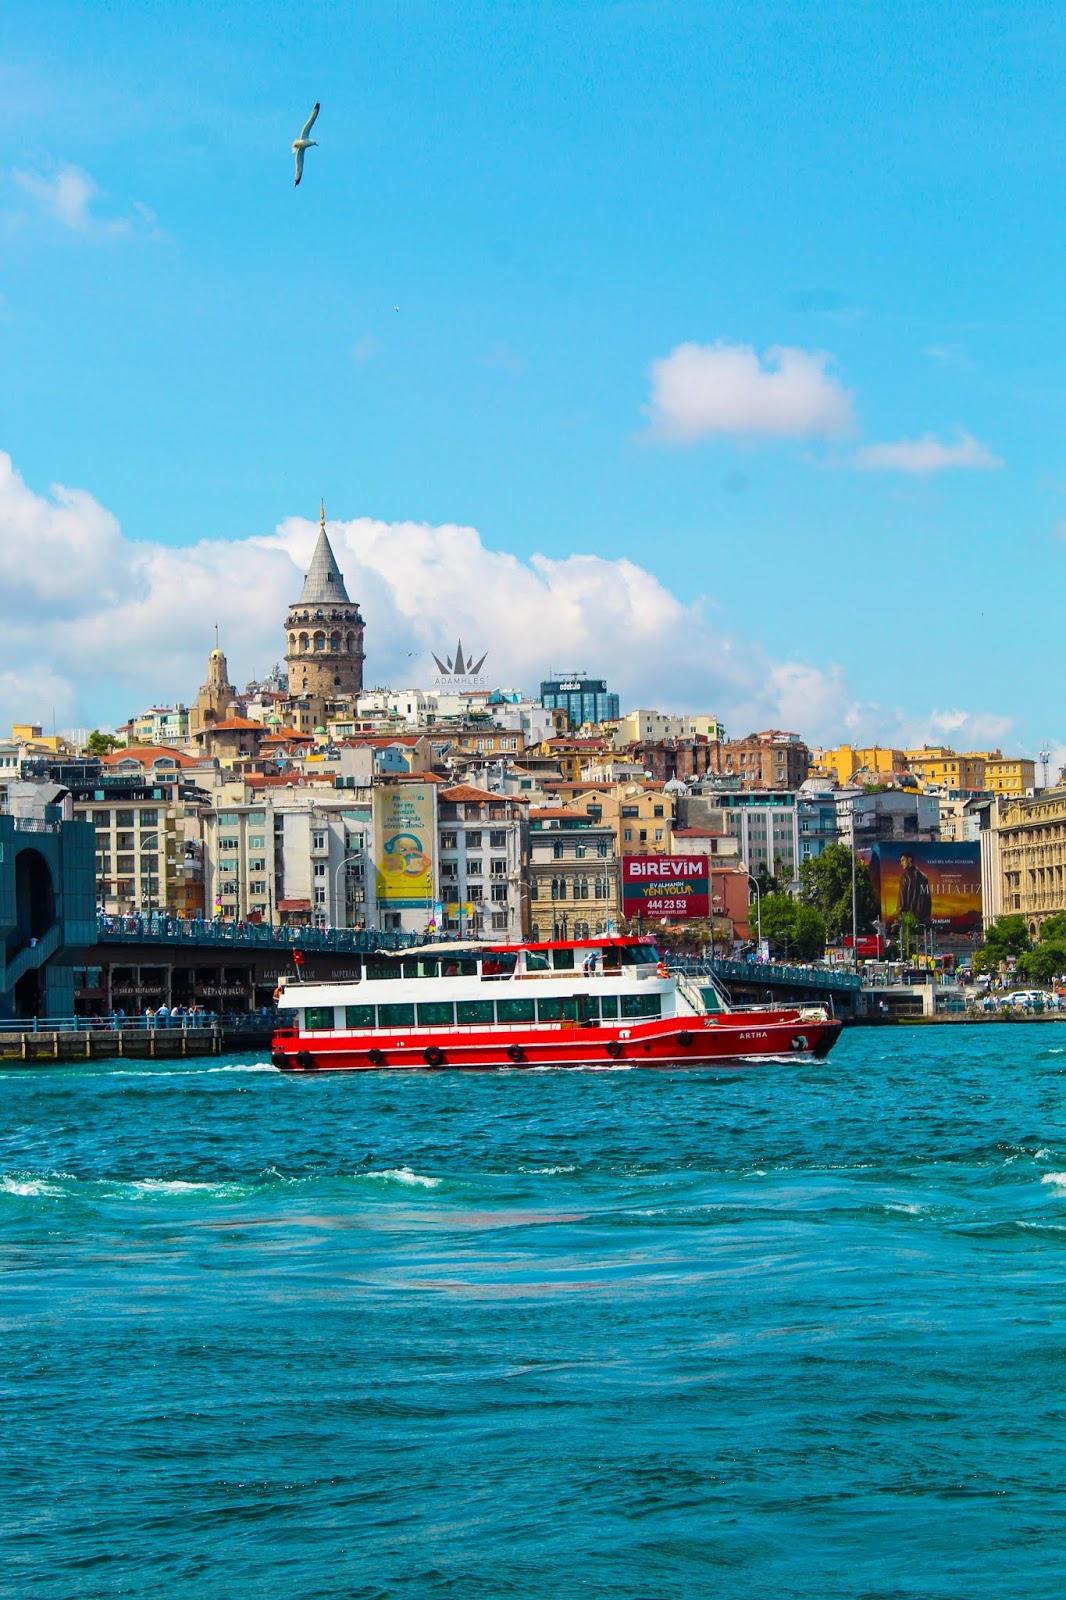 تصوير اسطنبول